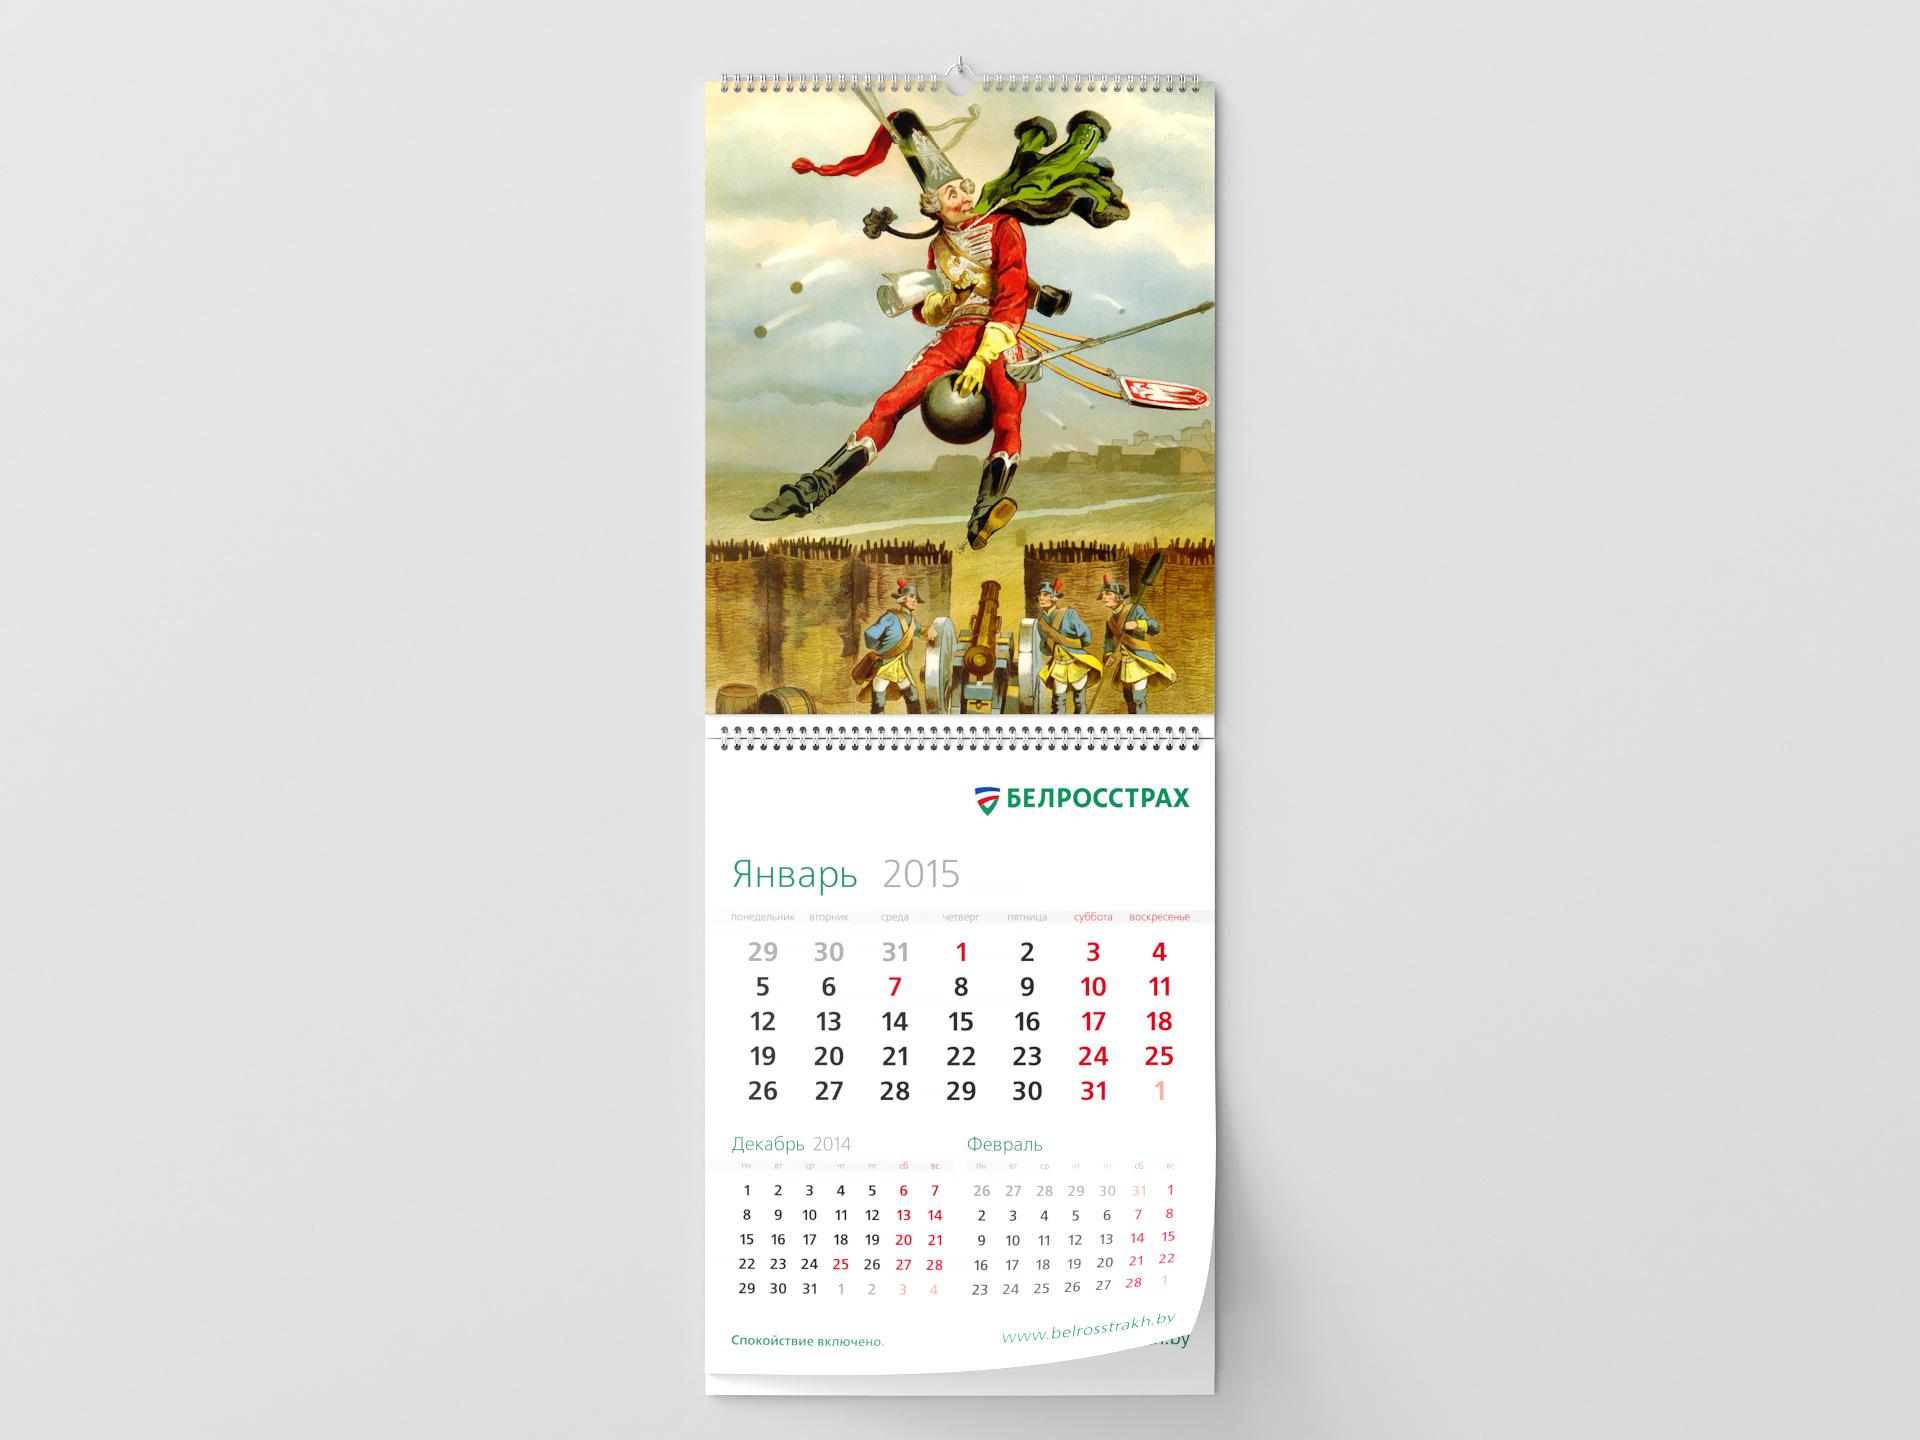 Белросстрах - календарь «230 лет Первому изданию сборника рассказов о бароне Мюнхгаузене»